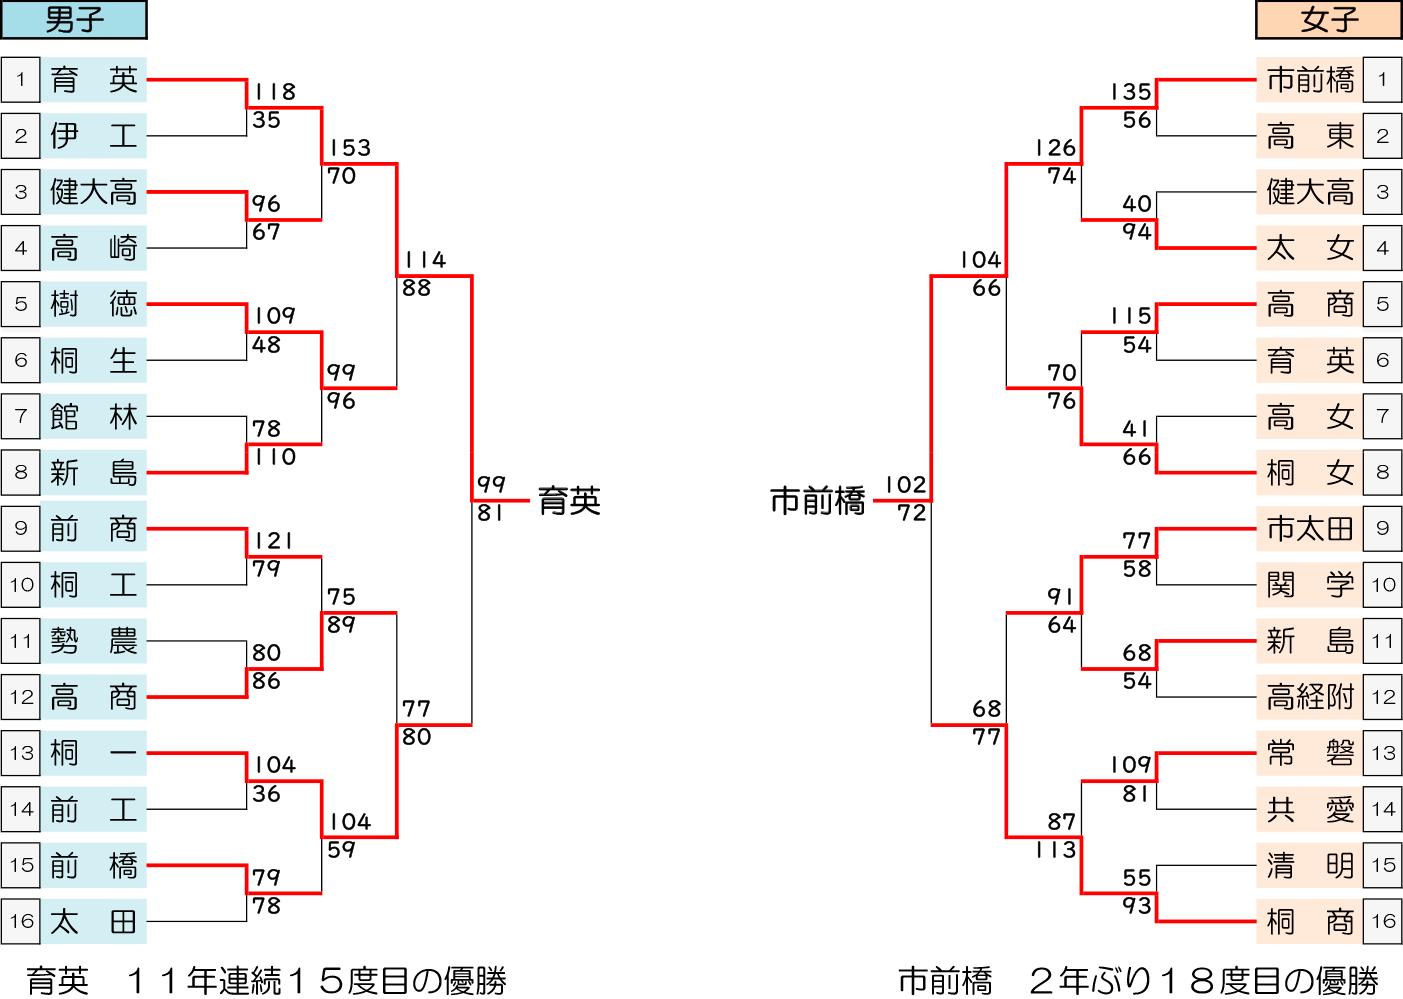 2020年度 ウインターカップ二次予選 - 大会結果(最終)